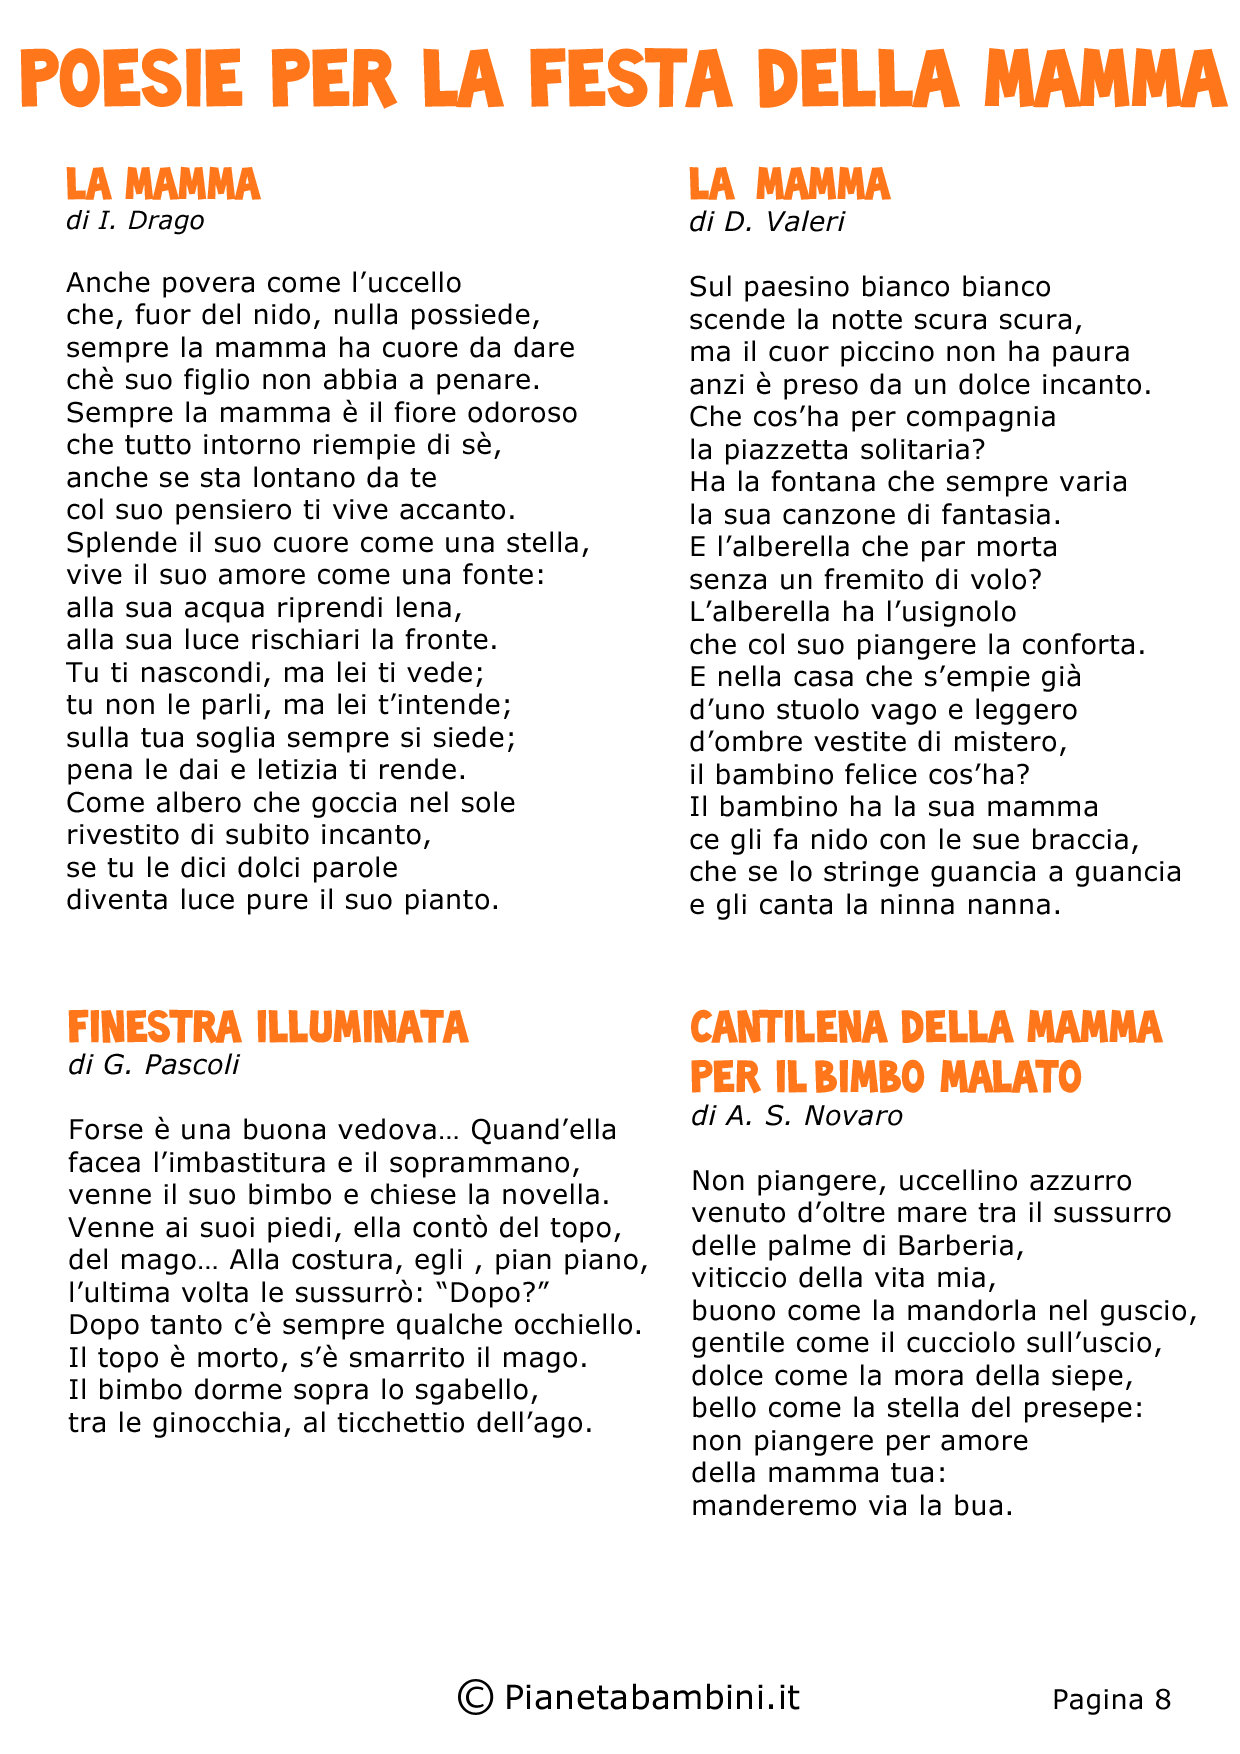 Poesie-Festa-Mamma-08